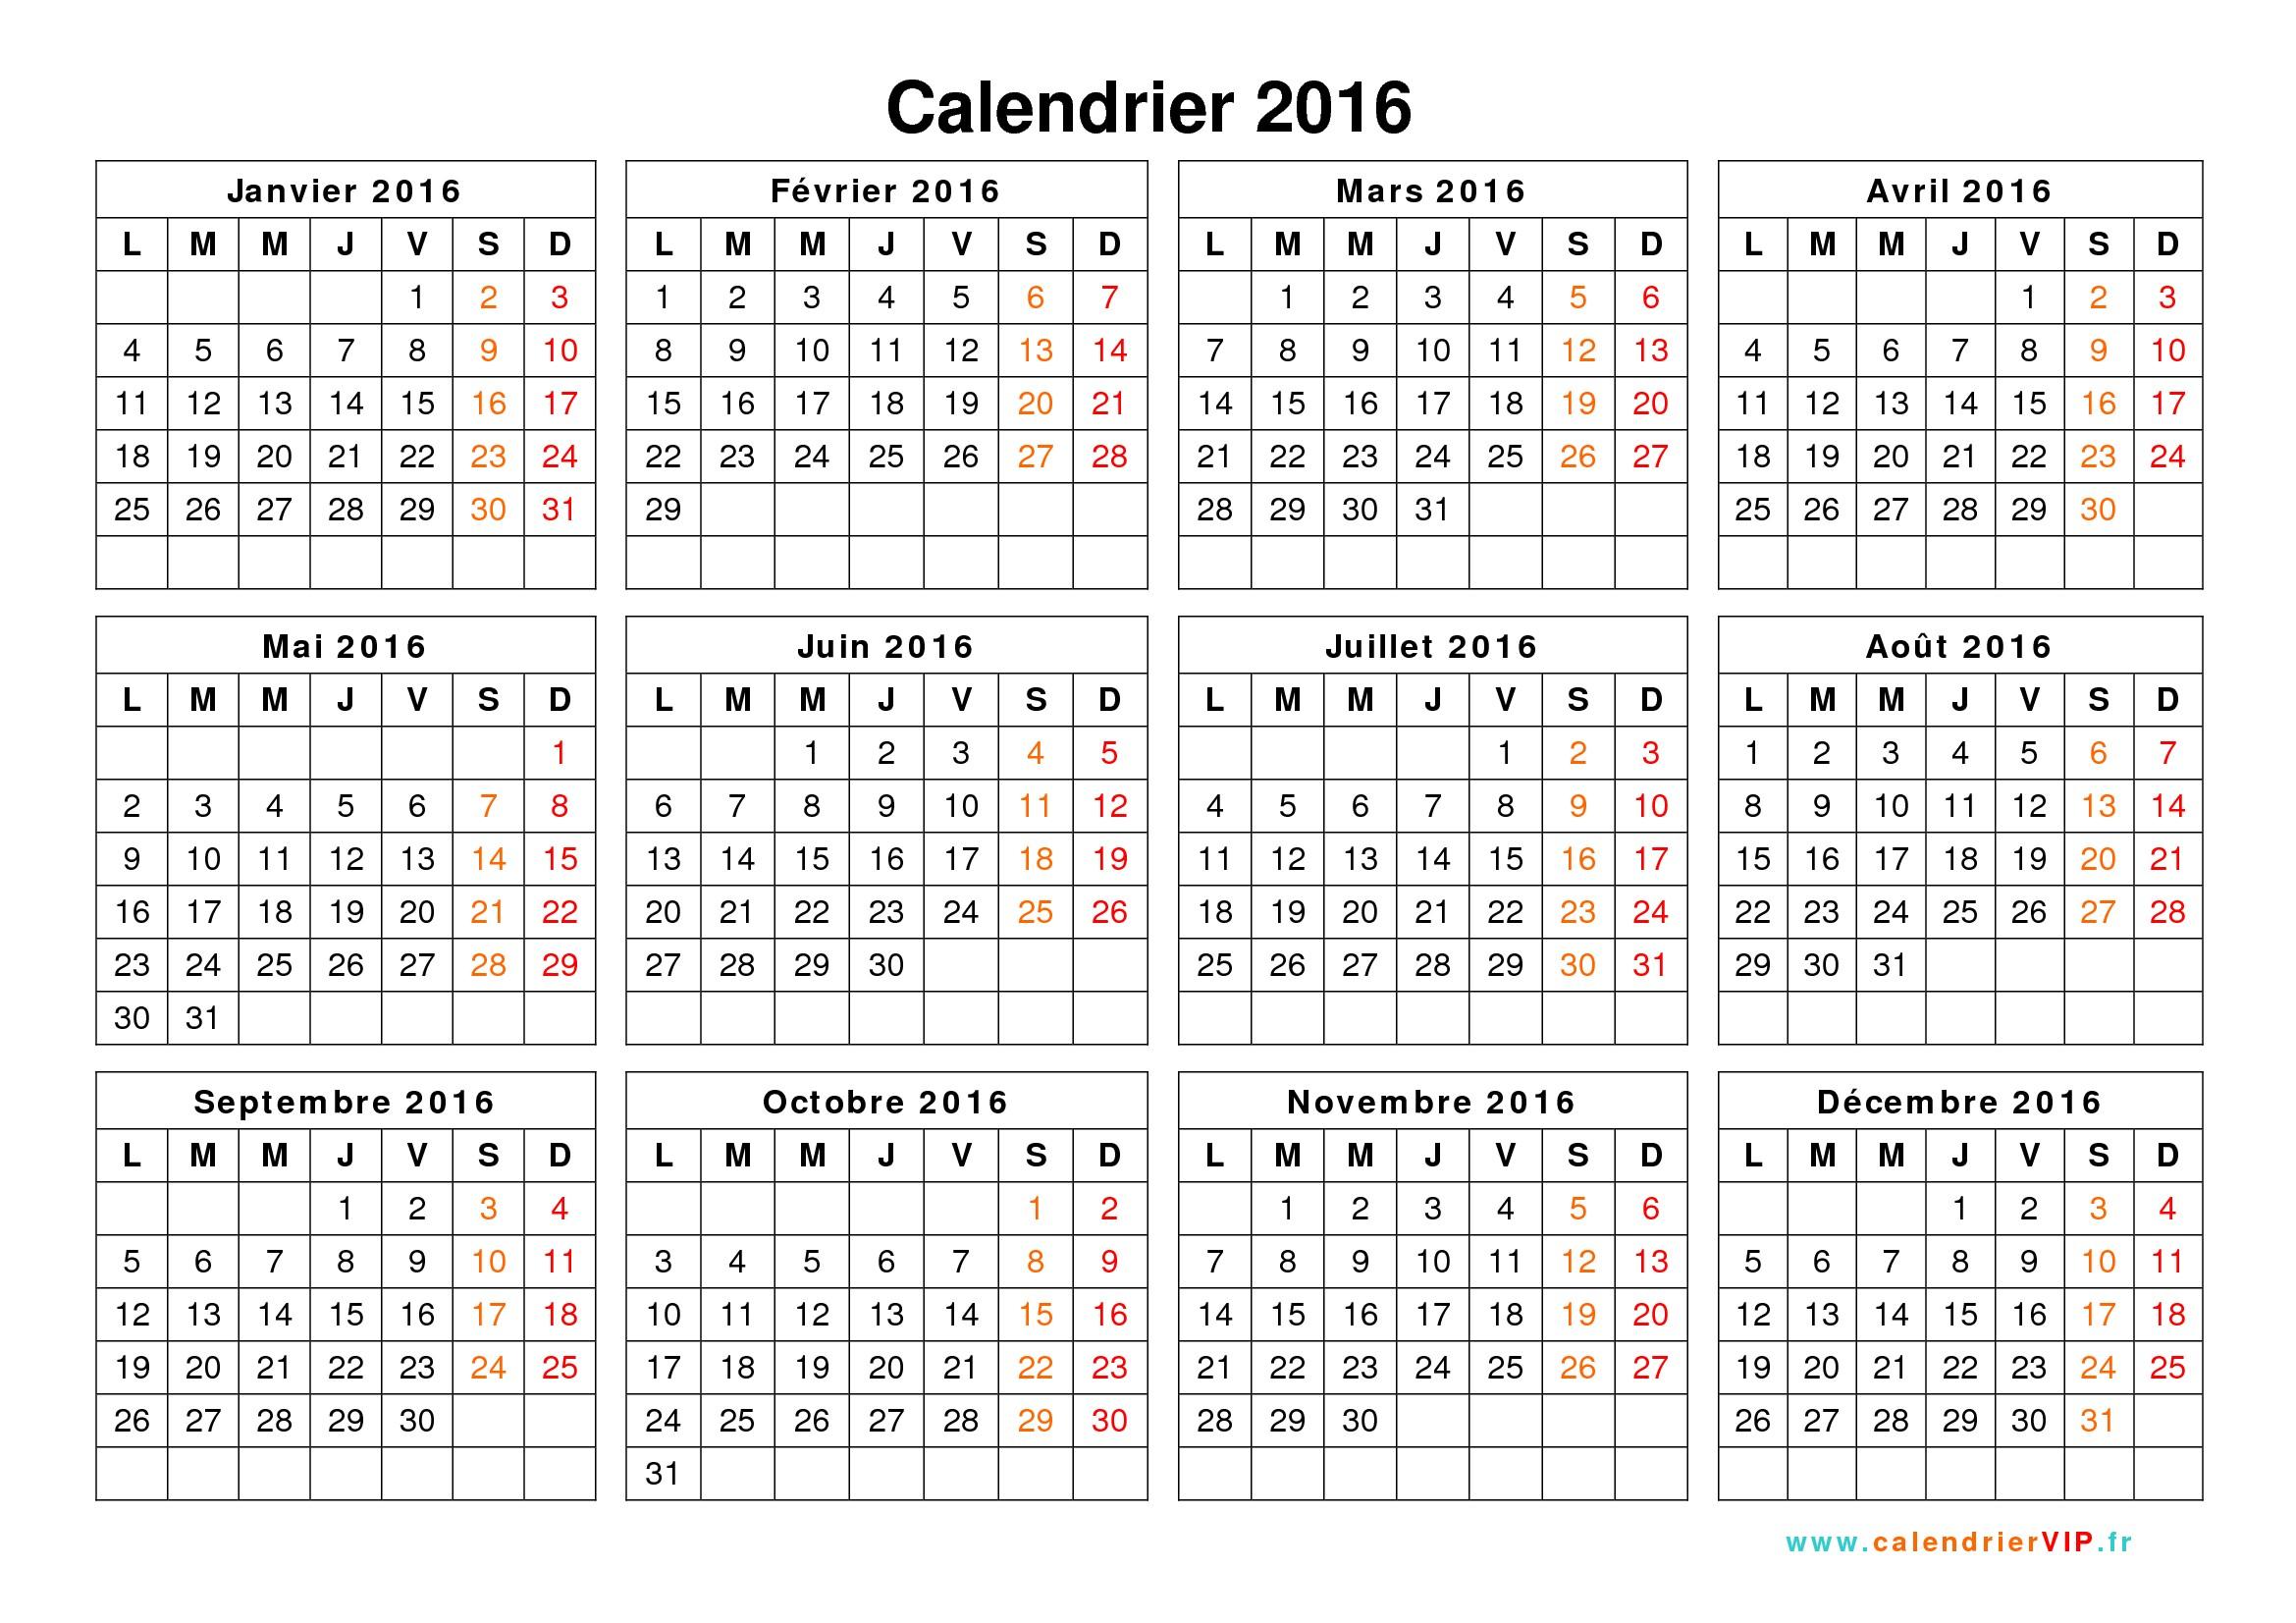 Calendario 2019 Para Imprimir Mes A Mes Más Caliente Root Of Calendario 2019 Para Imprimir Mes A Mes Recientes Calendario Febrero 2018 Dise±os Pinterest